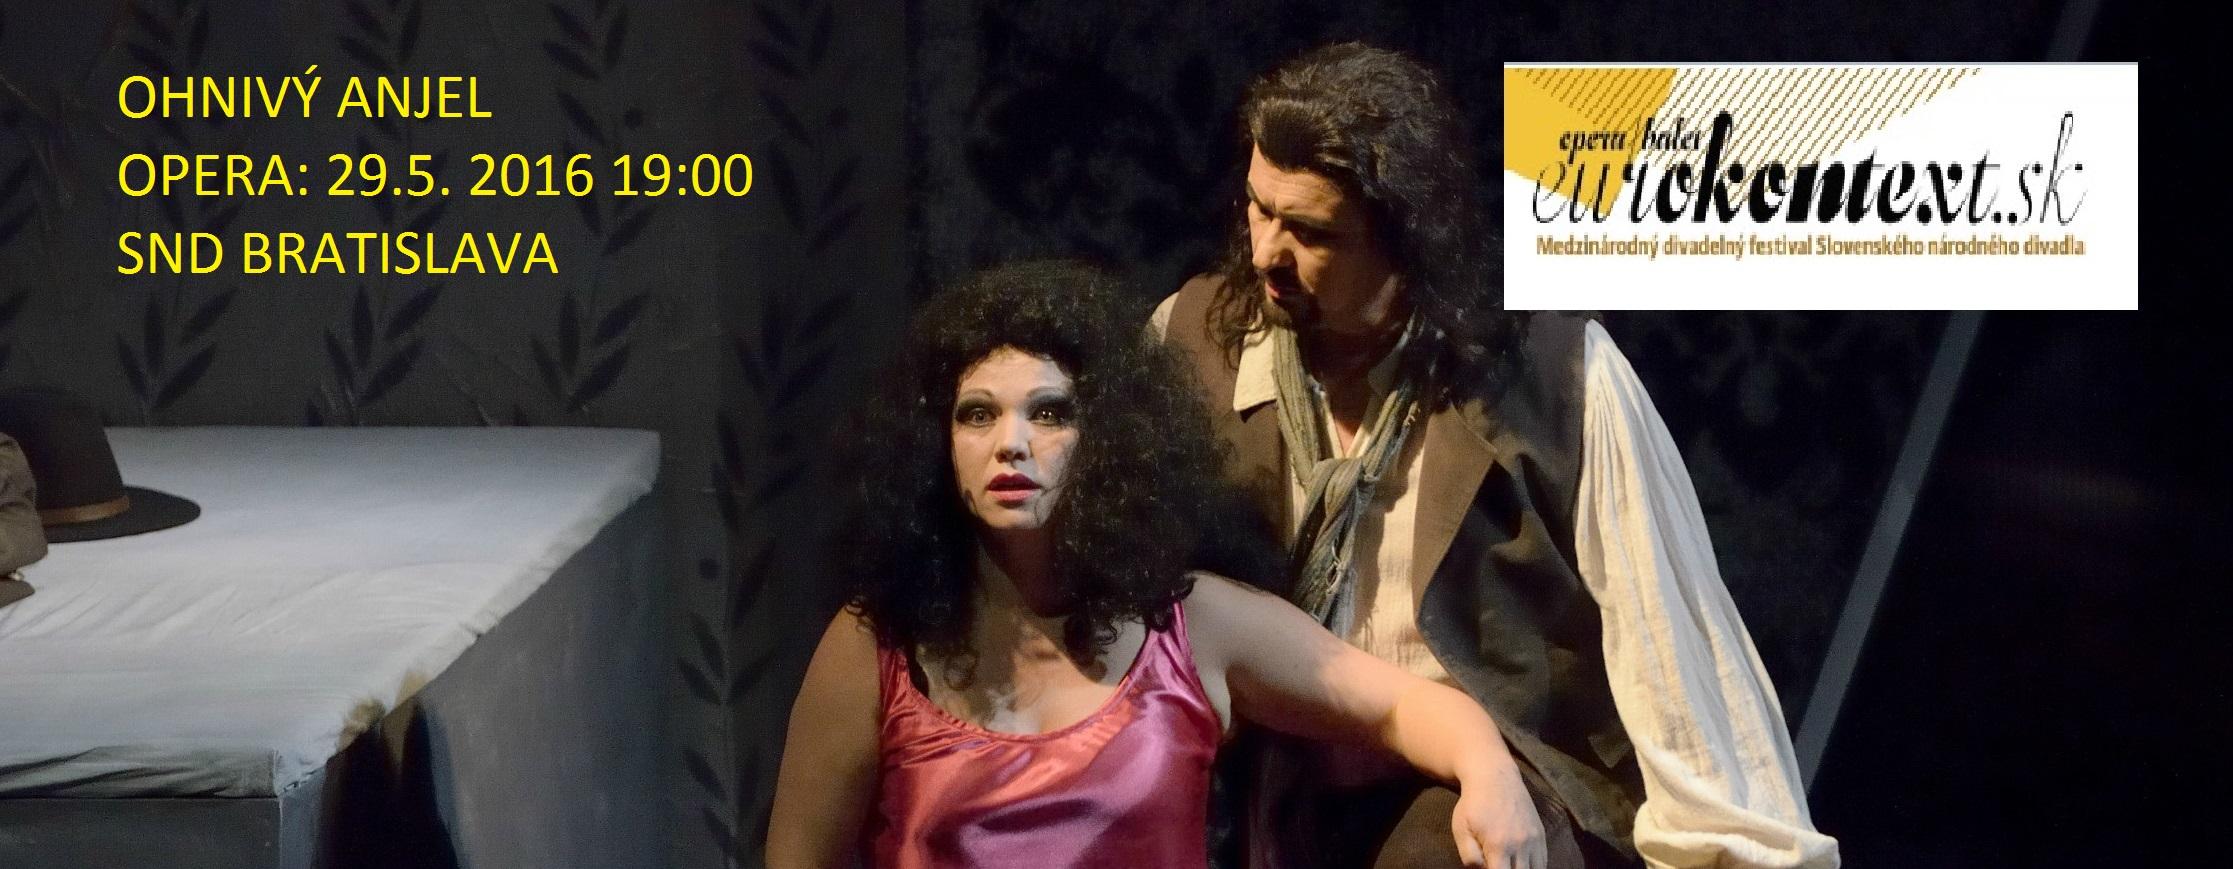 Ohnivý anděl přiletí do Bratislavy: Martin Bárta v unikátní opeře Sergeje Prokofjeva na Eurokontextu